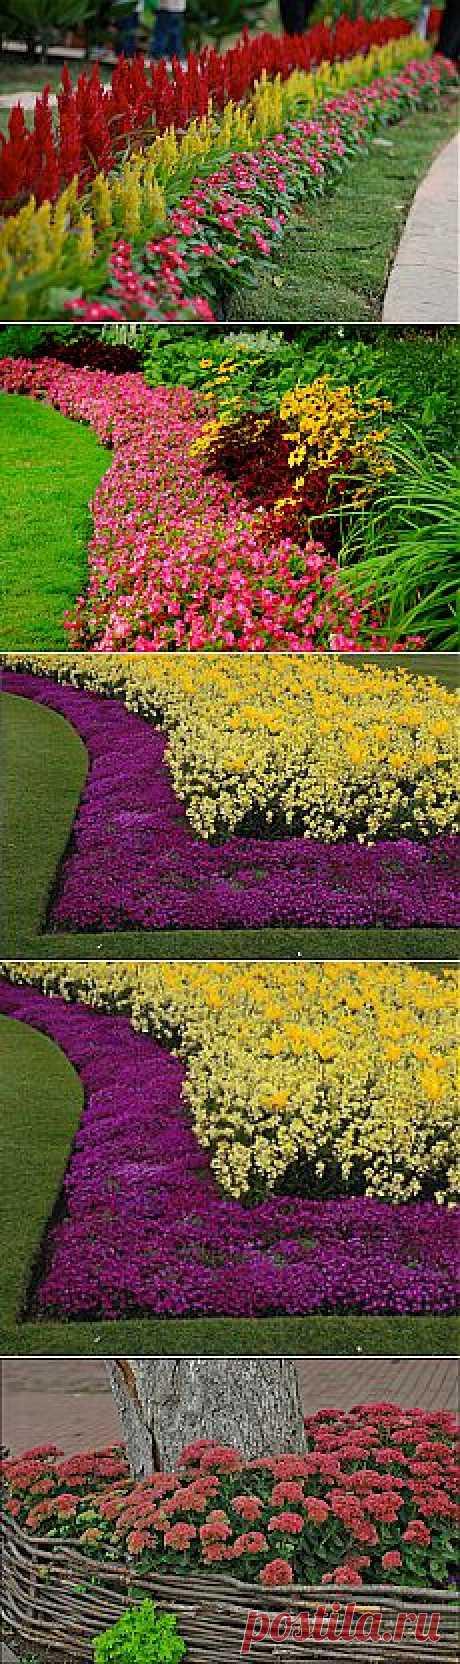 сообщение Valya6827 : Мой любимый сад - Цветочный бордюр. (20:10 08-04-2014) [4417122/320436603] - ue900@mail.ru - Почта Mail.Ru